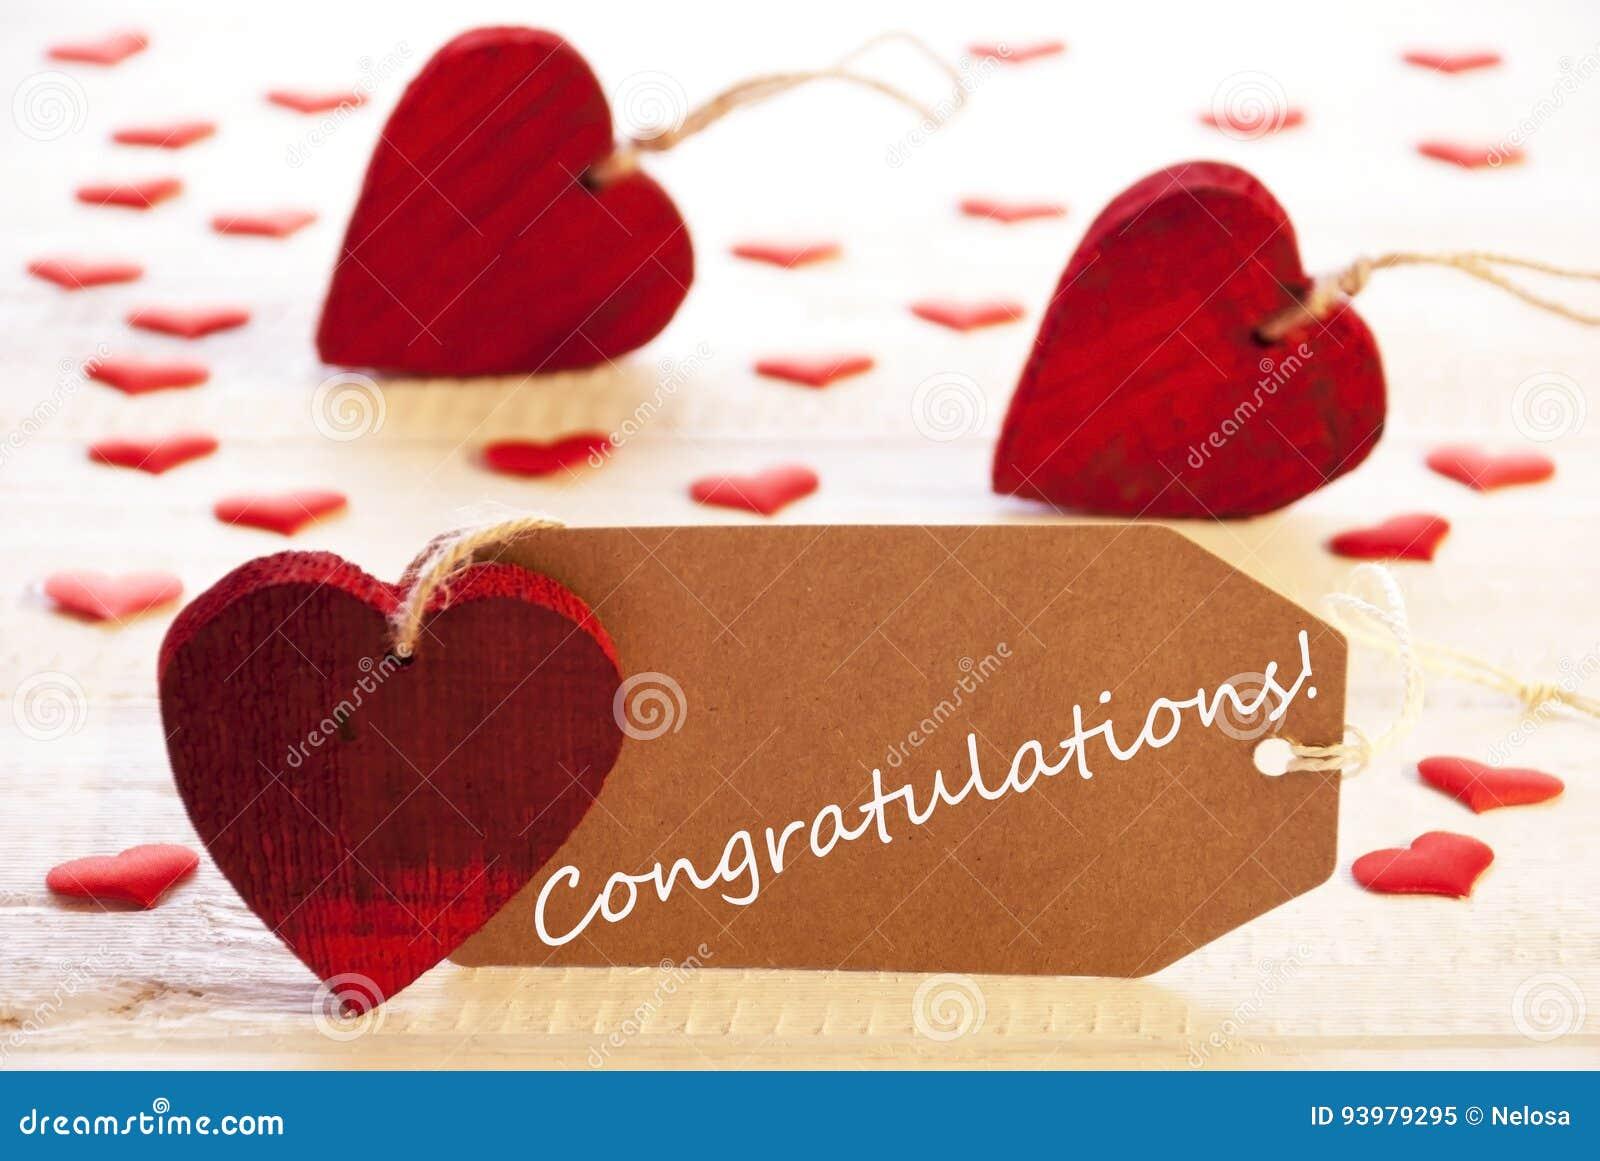 Ετικέτα με πολλούς κόκκινη καρδιά, συγχαρητήρια κειμένων